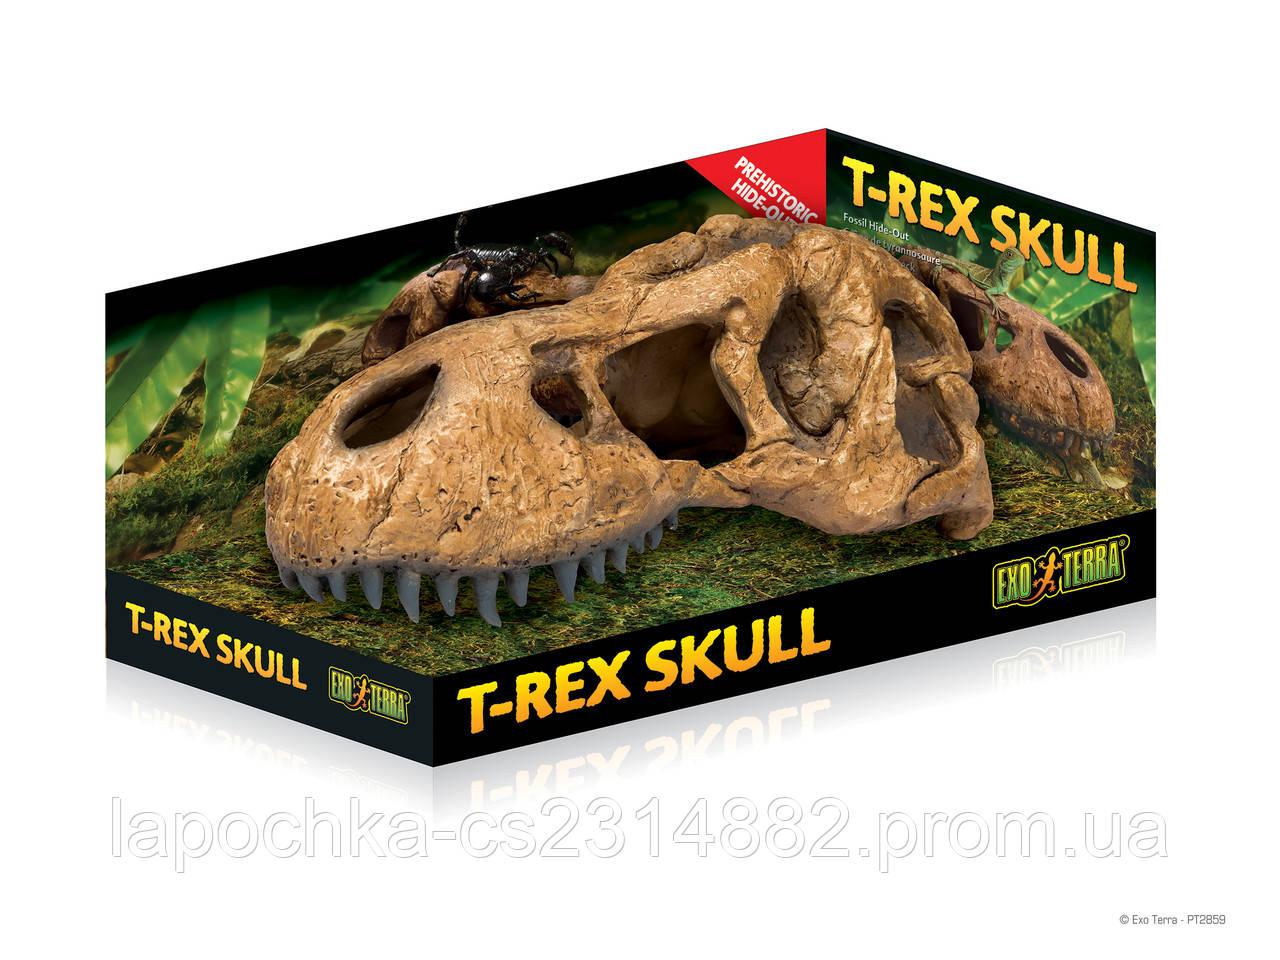 Декорация Exo Terra T-Rex Skull Fossil Hide Out для террариума, череп тираннозавра - Лапочка интернет-магазин зоотоваров в Харькове